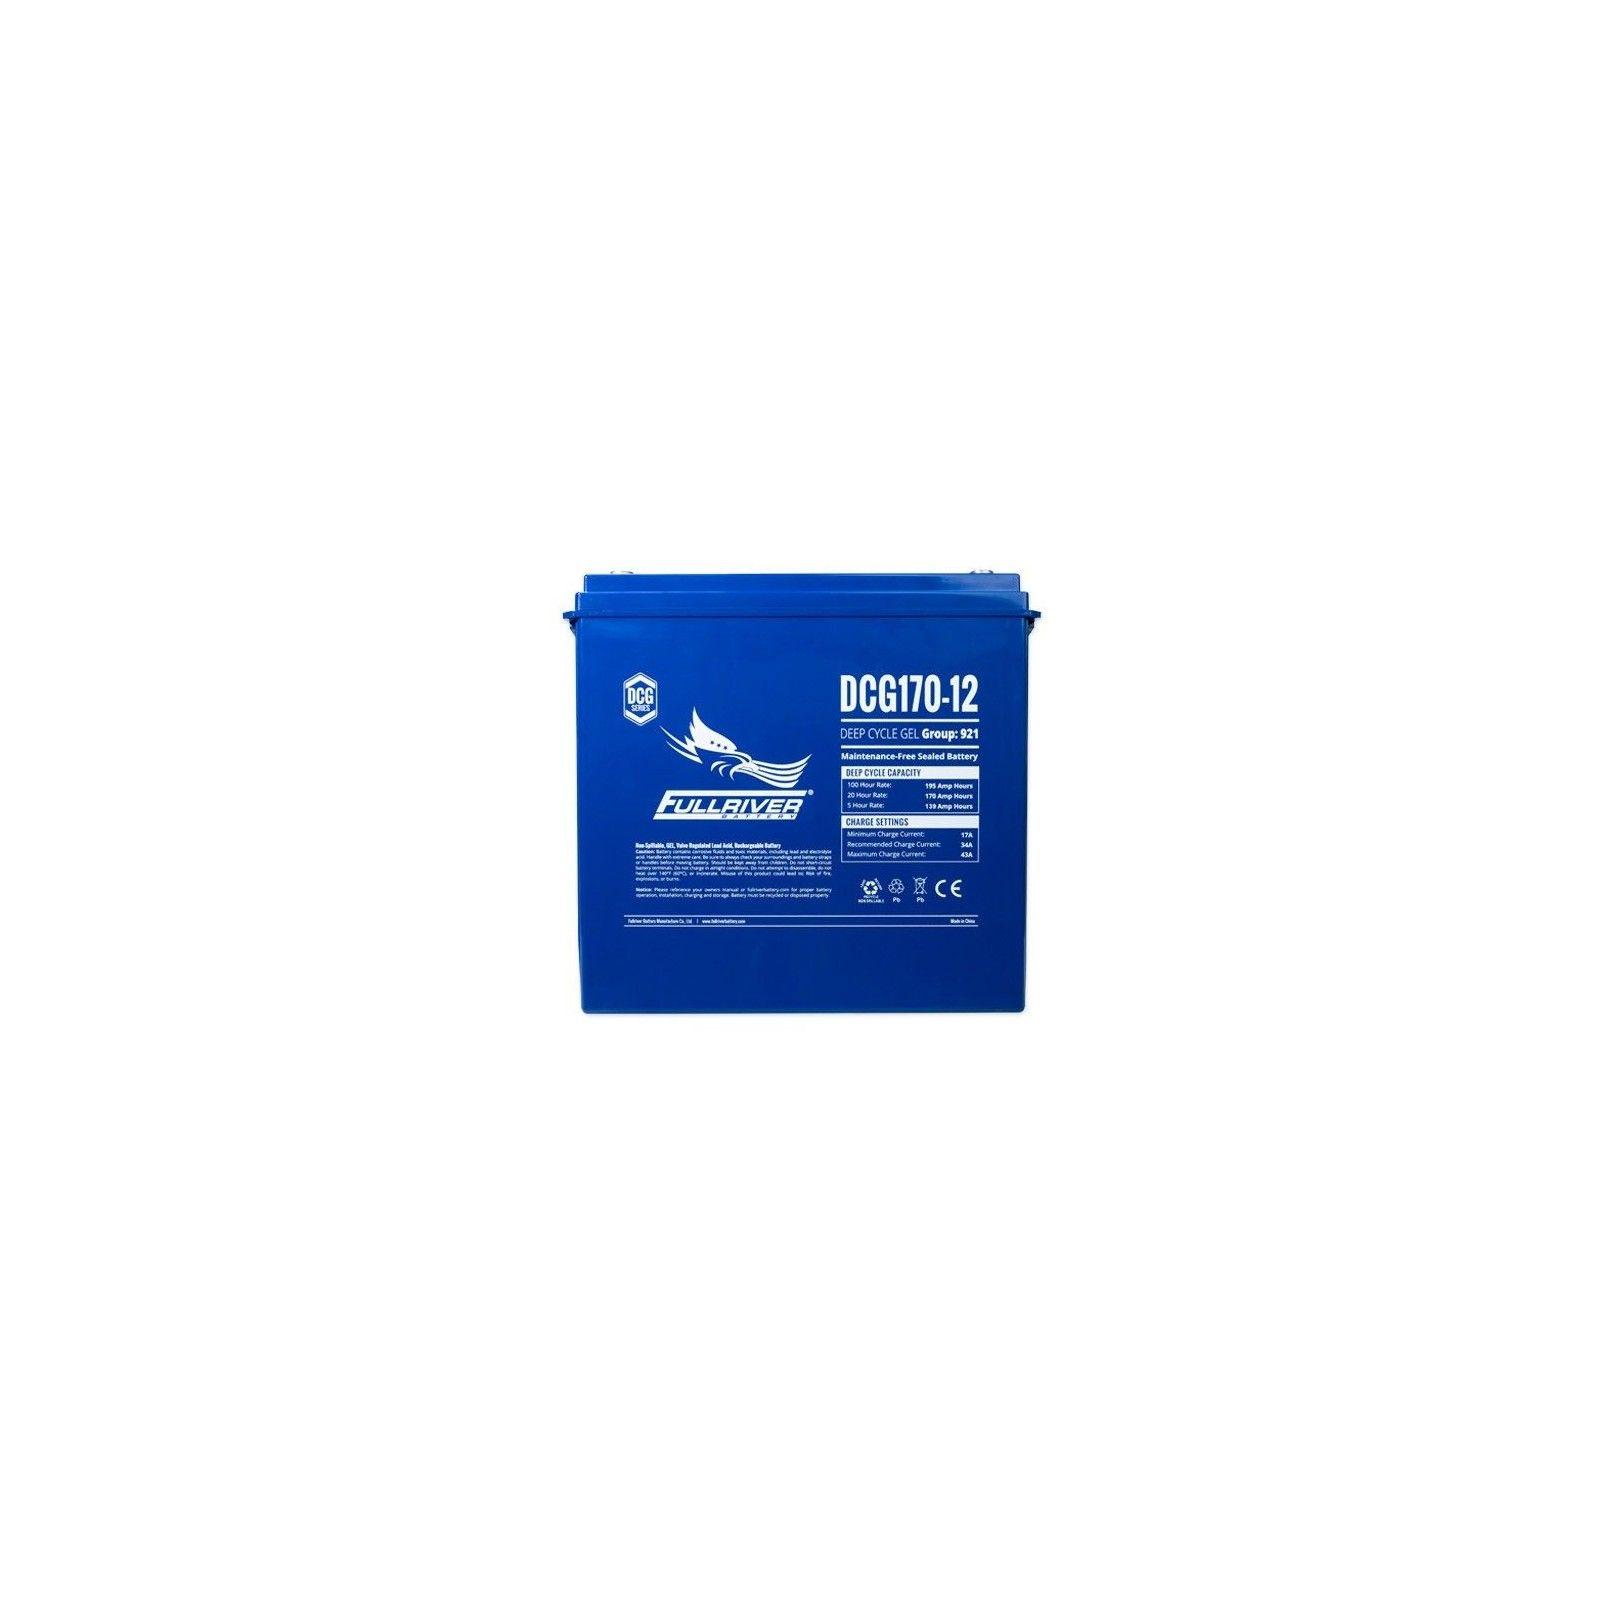 Batería Fullriver DCG170-12 170Ah 12V Dcg FULLRIVER - 1